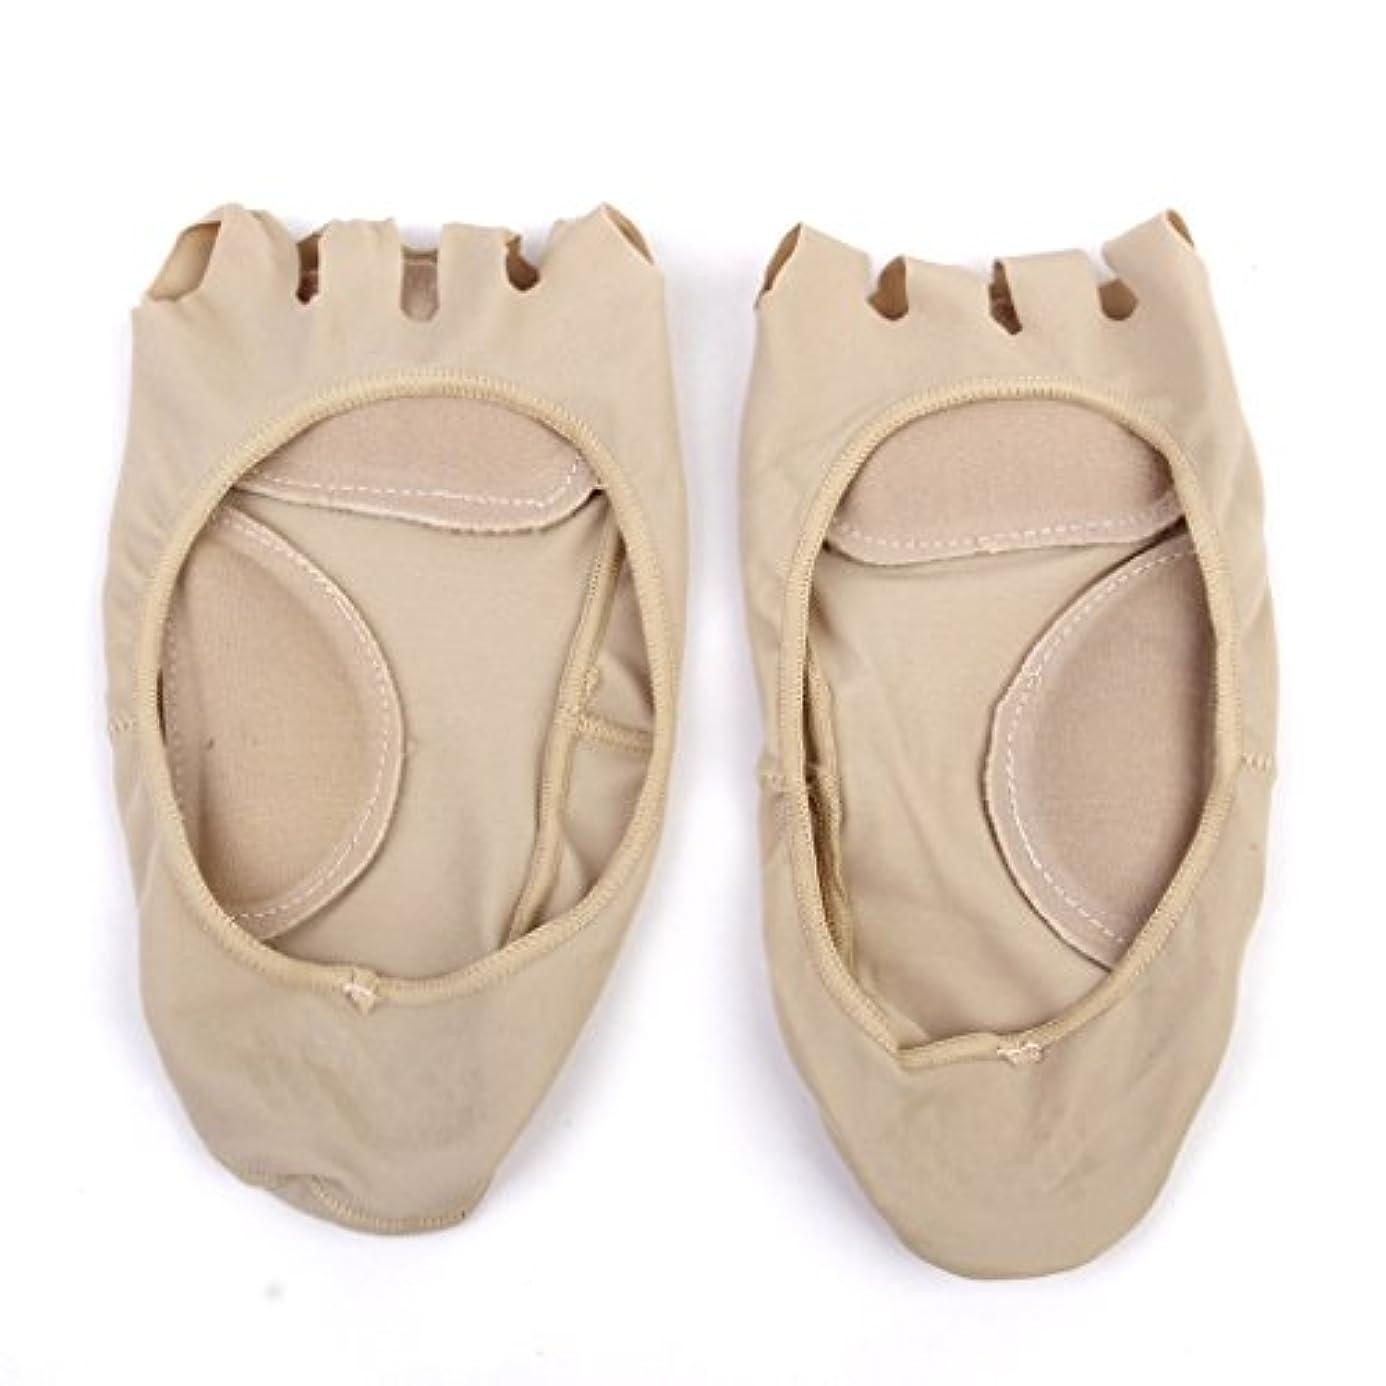 農民ソファーエンゲージメント【Footful】ソックス 靴下 5つ本指つま先 ボートソックス マッサージパッド 見えない 滑り止め アンクルソックス (ヌード)